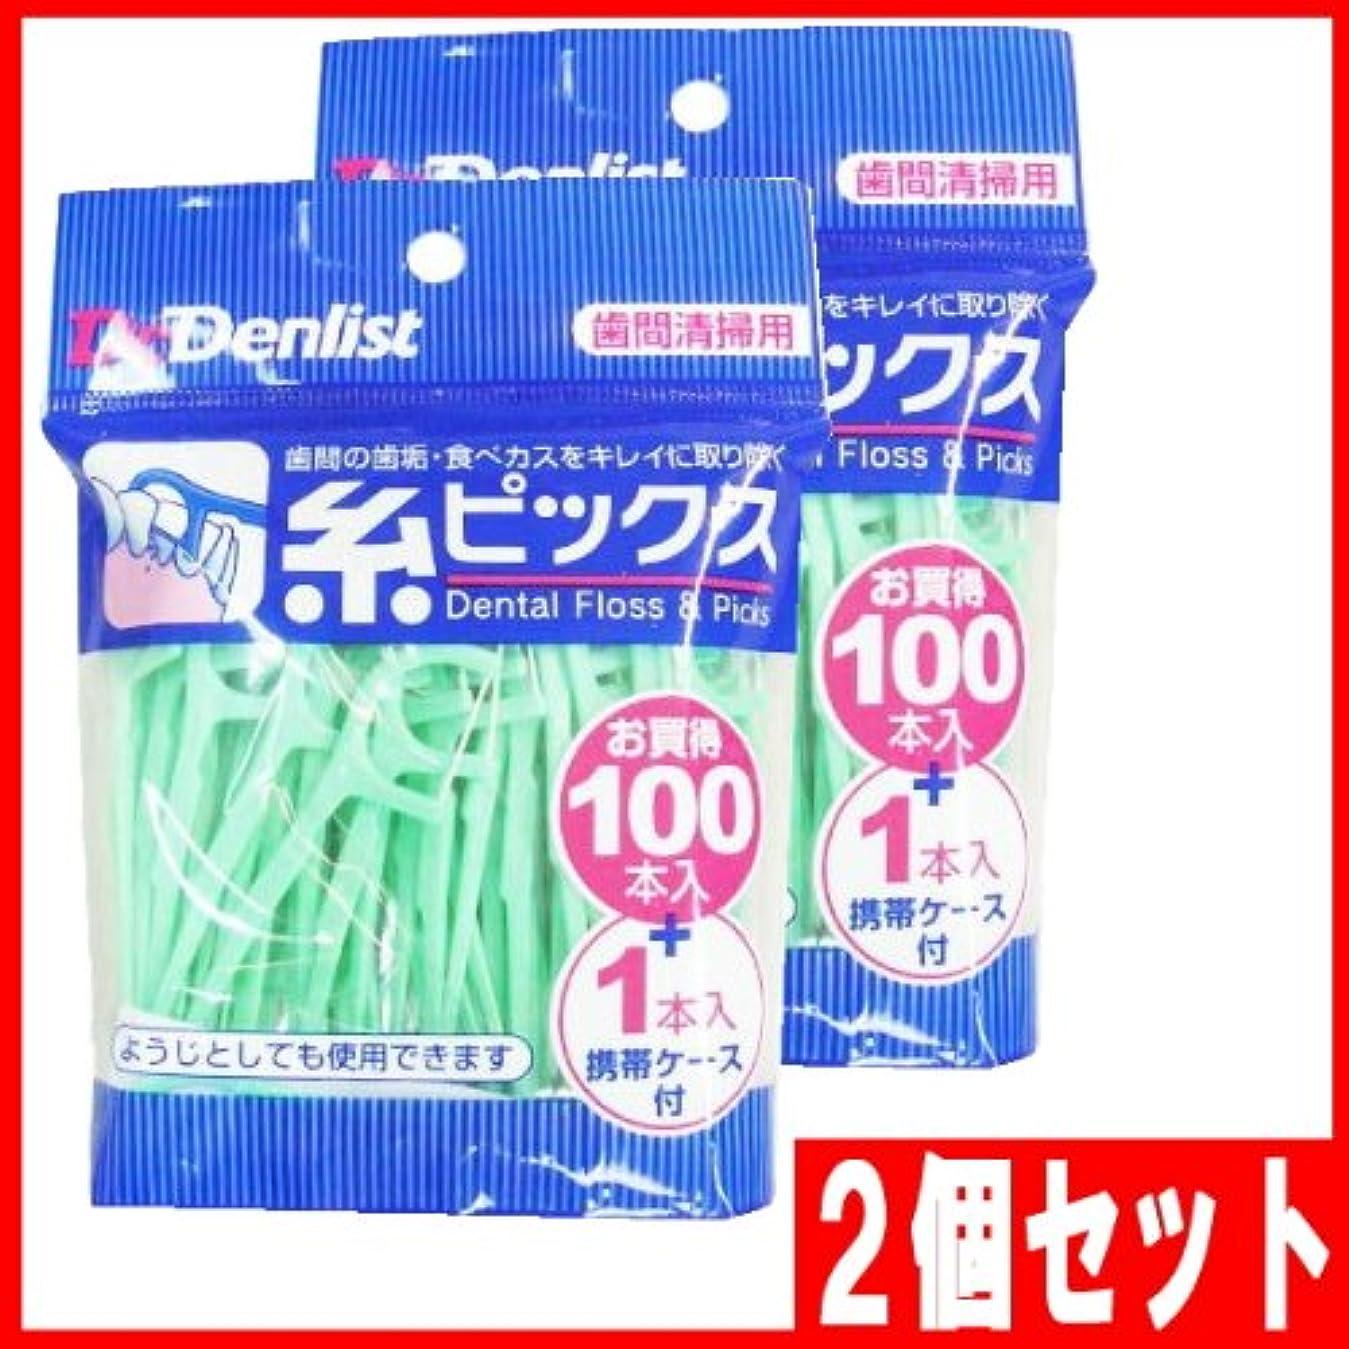 忠実に思慮のない三角Dr.デンリスト 糸ピックス(歯間清掃用) 100本+1本(携帯ケース付) 2個セット